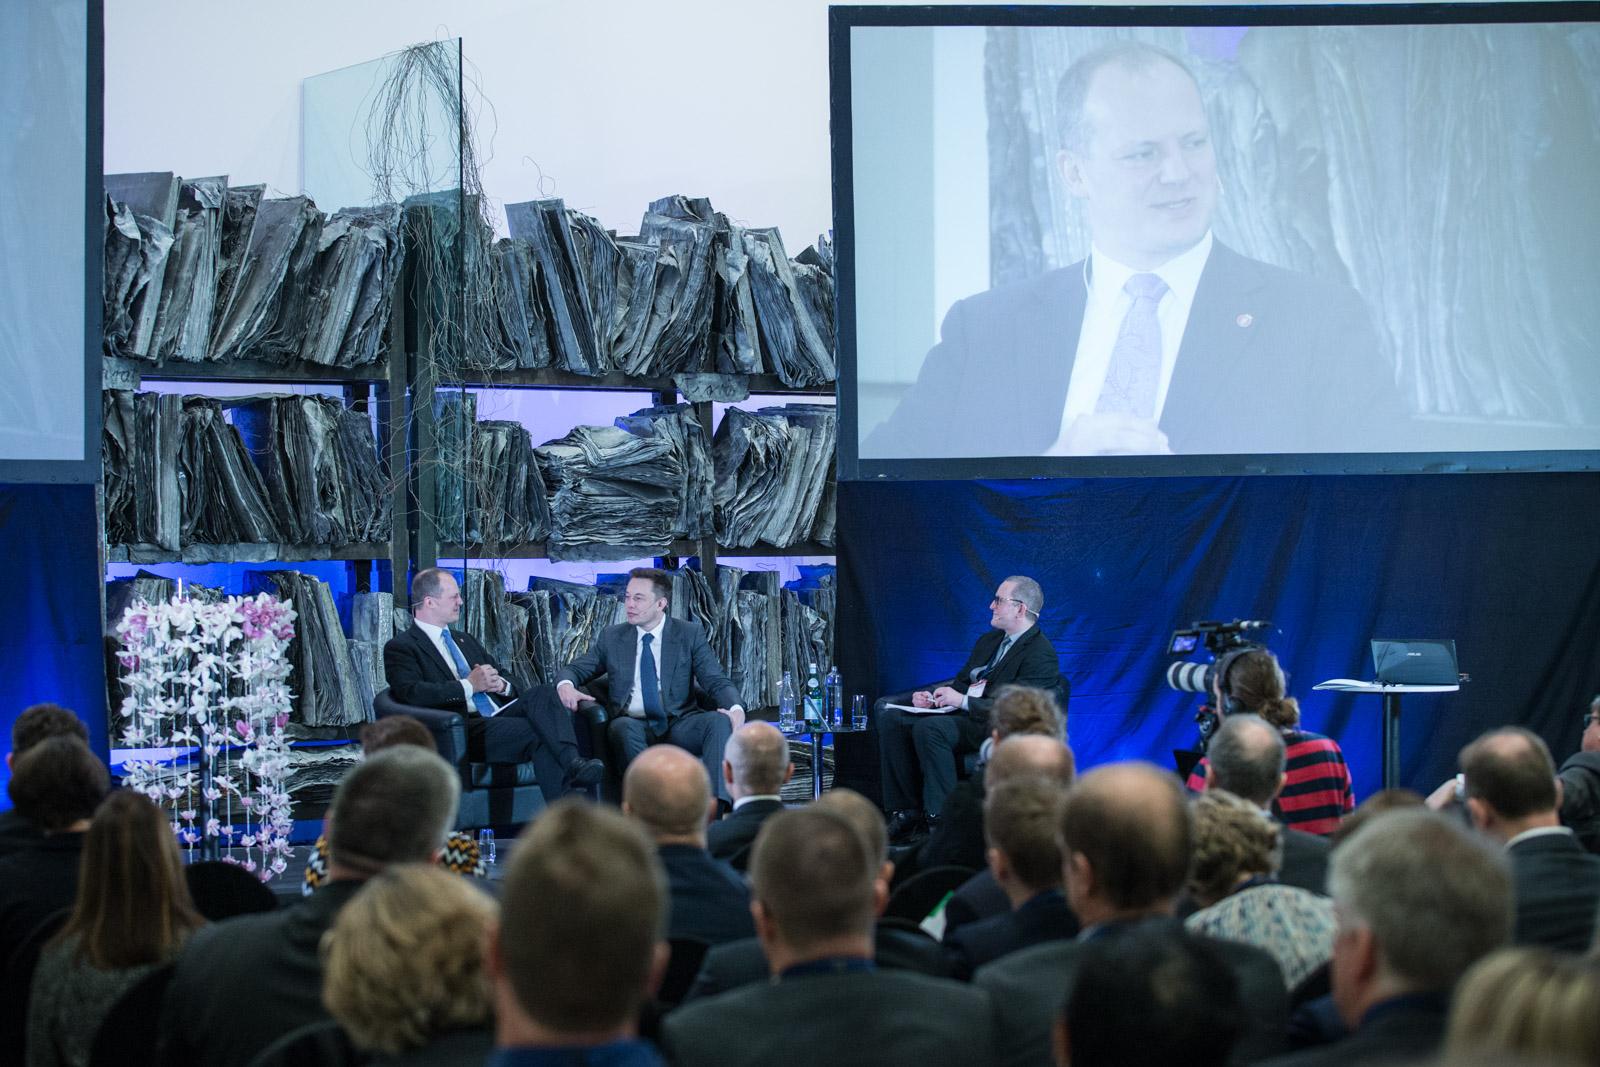 Guttorm Andreasen intervjuer Elon Musk og statsråd Ketil Solvik-Olsen på Regjeringens samferdselskonferanse, Astrup-Fearnley, 2016.